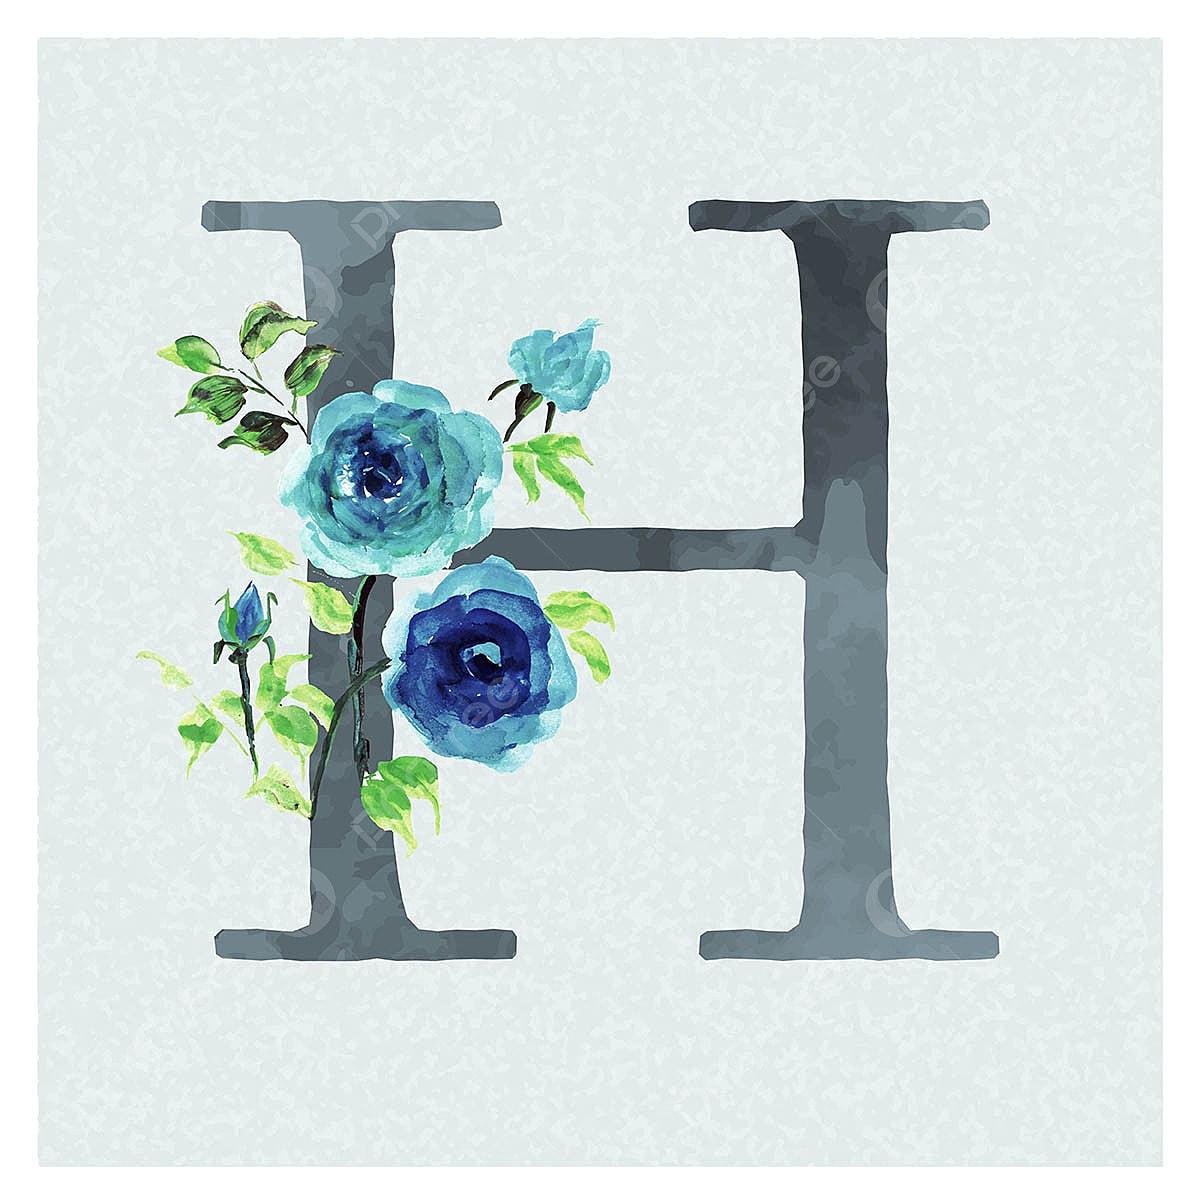 ألوان مائية الزهور الخلفية باللون الأزرق موضوع رسالة ح ألوان مائية لون باللون Png والمتجهات للتحميل مجانا